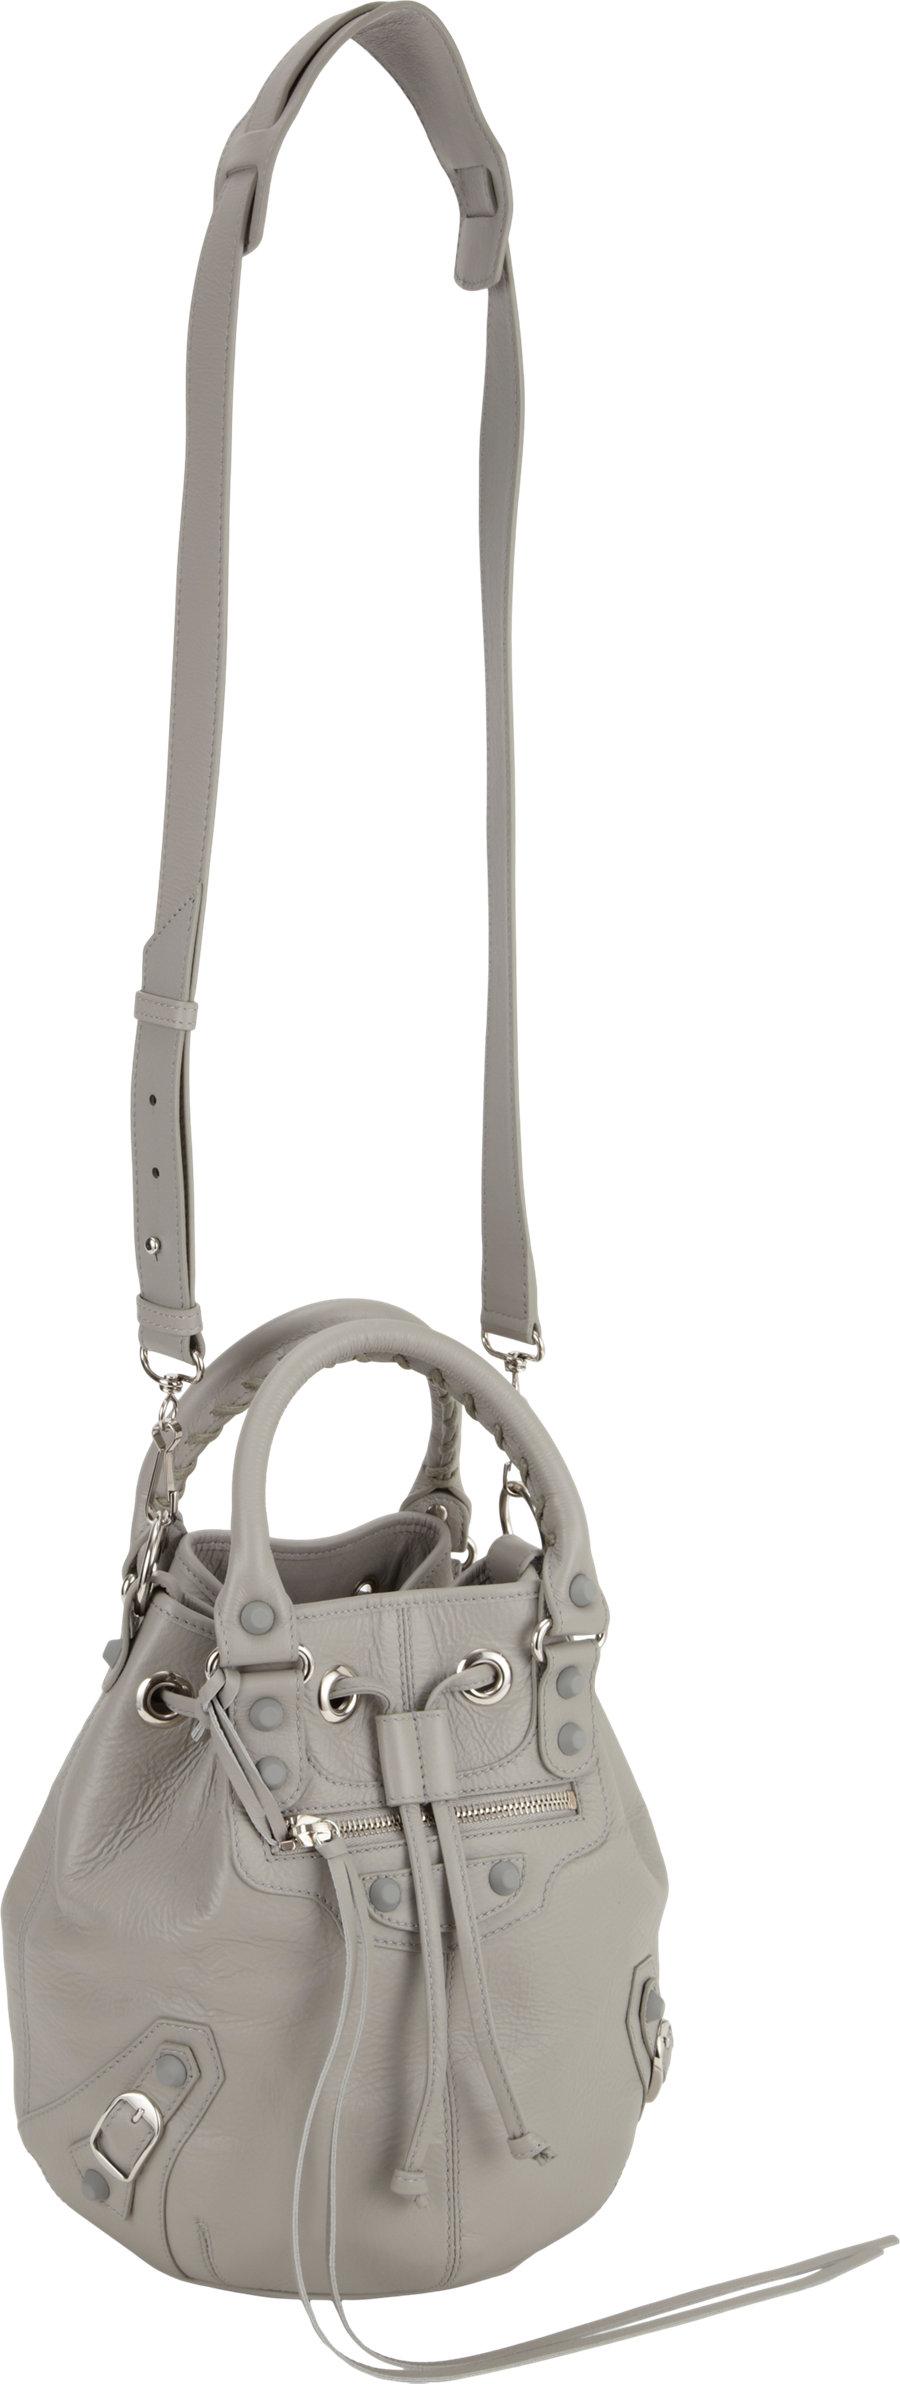 a21d86b3aa Balenciaga Classic Mini Pompon in Gray - Lyst